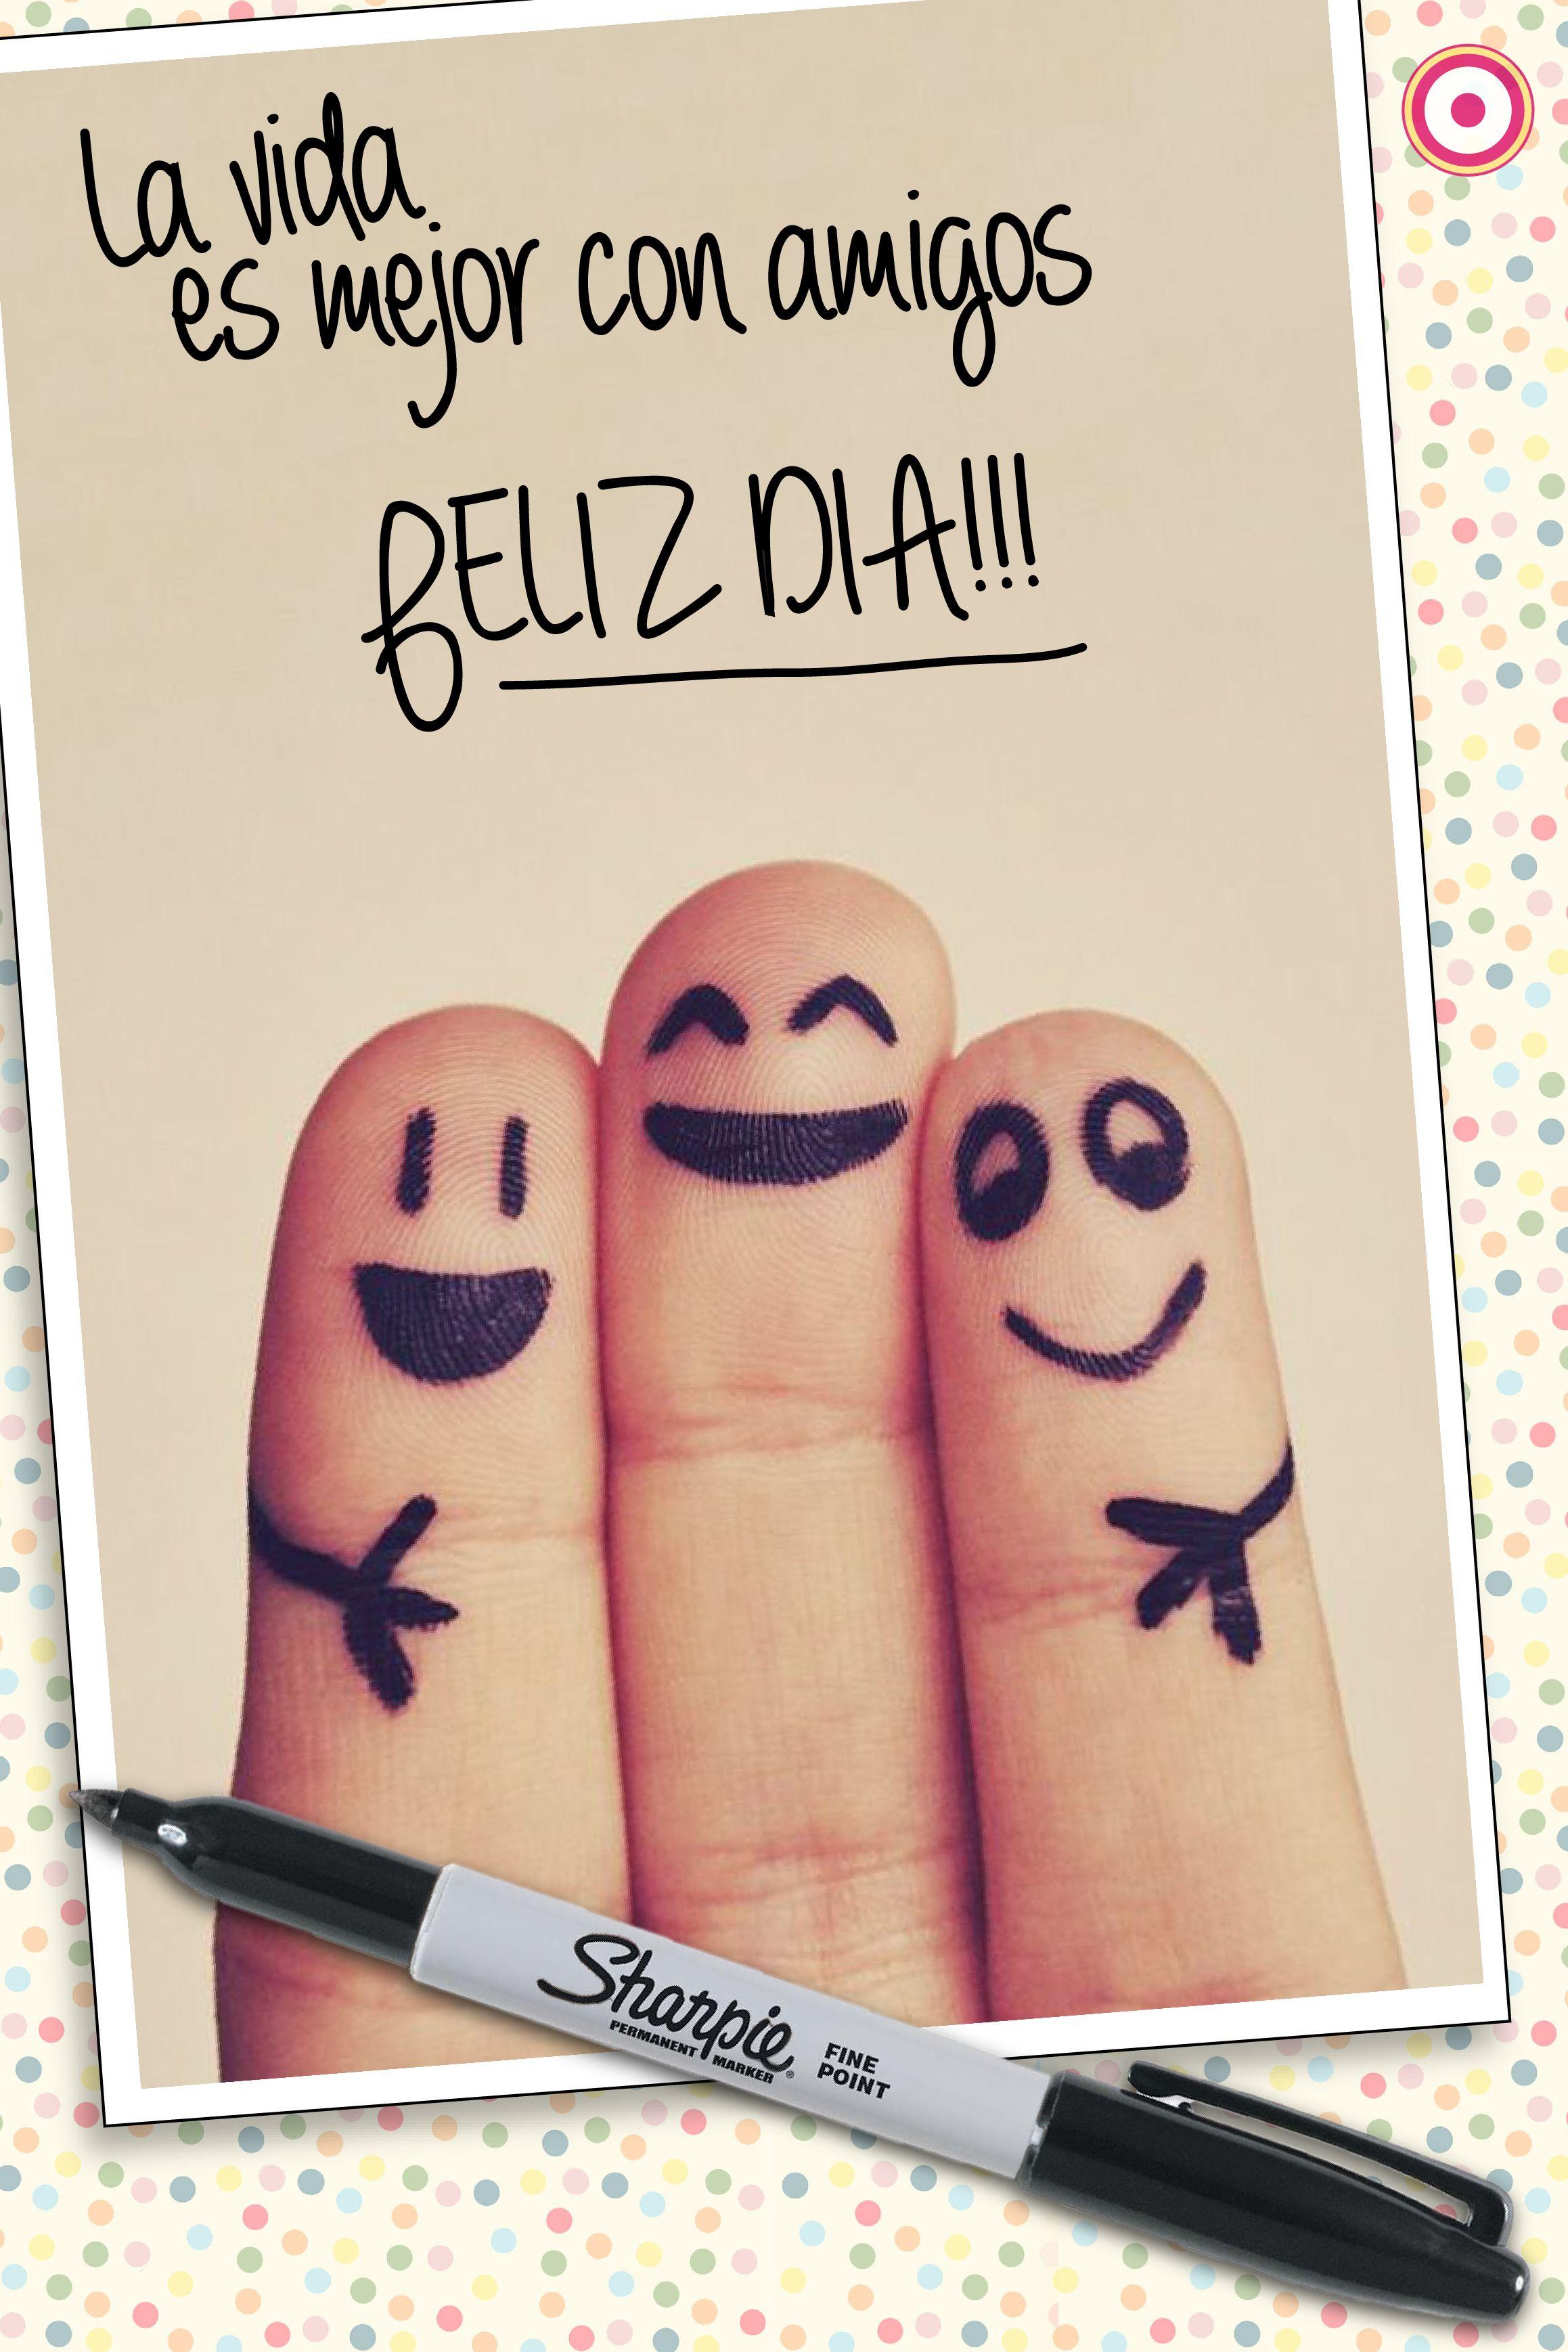 Quotes In Spanish About Friendship La Vida Es Mejor Con Amigos Postcards  Pinterest